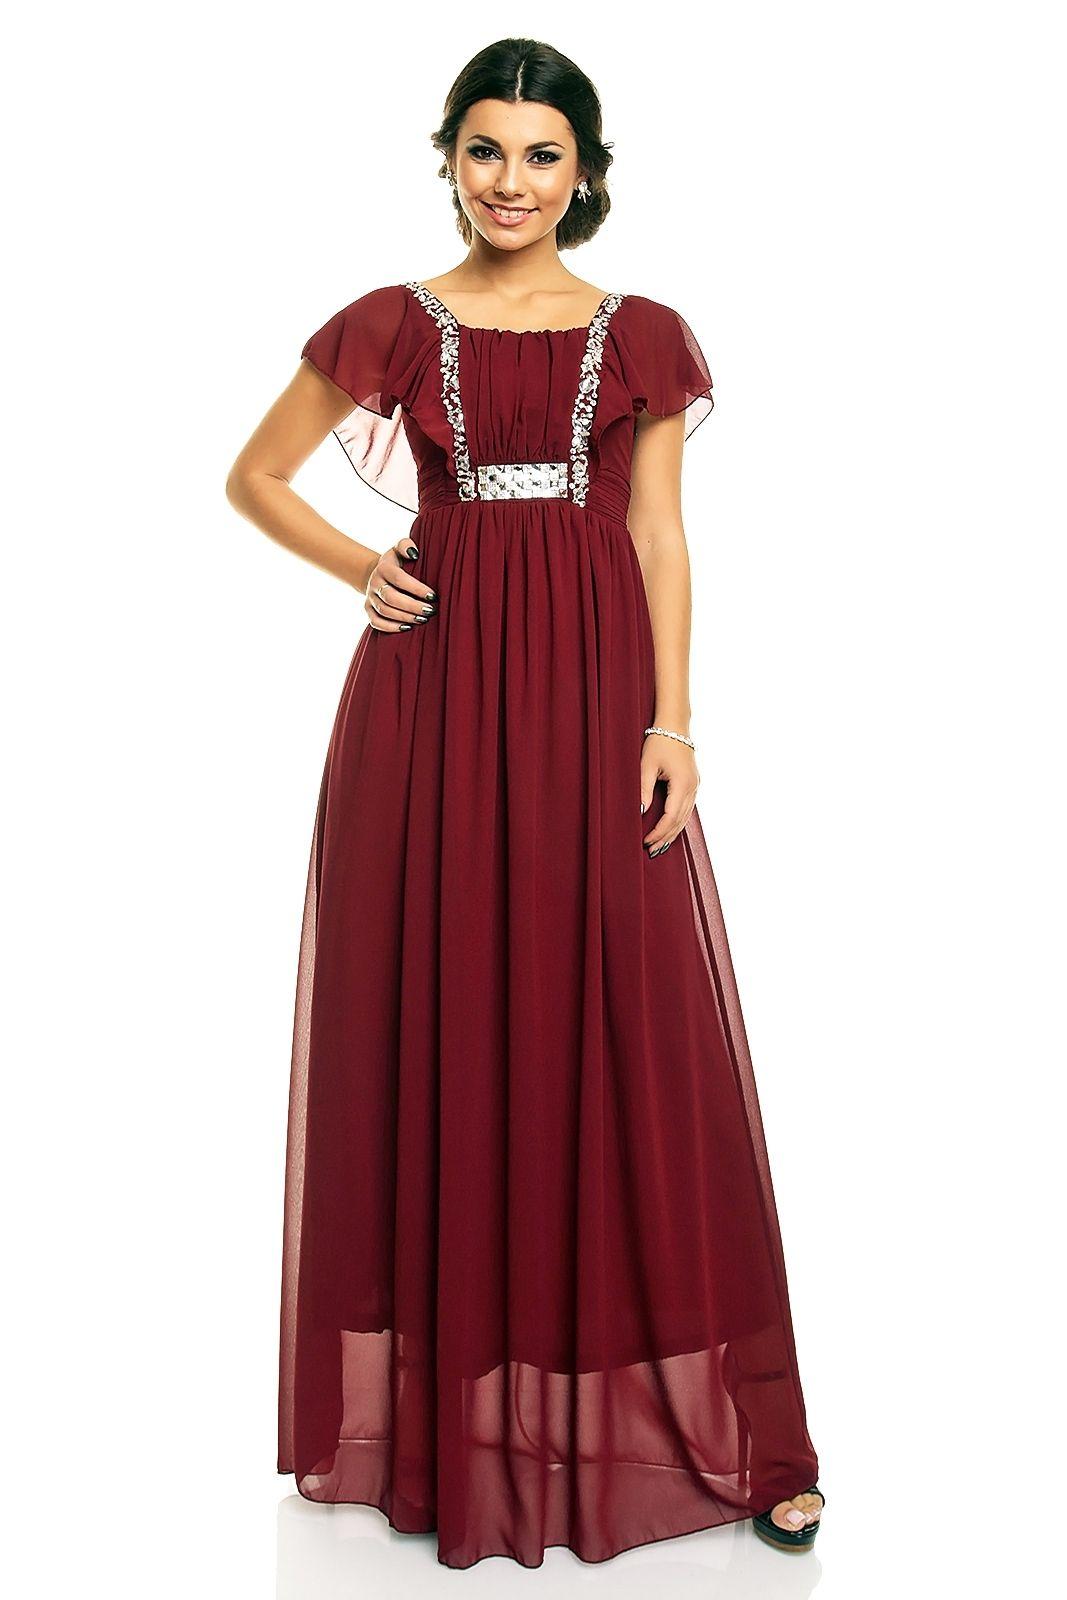 Robe De Soiree Pas Chere Robe De Soiree Longue Rouge Pas Cher Tm Fh0043 Style Fashion Vintage